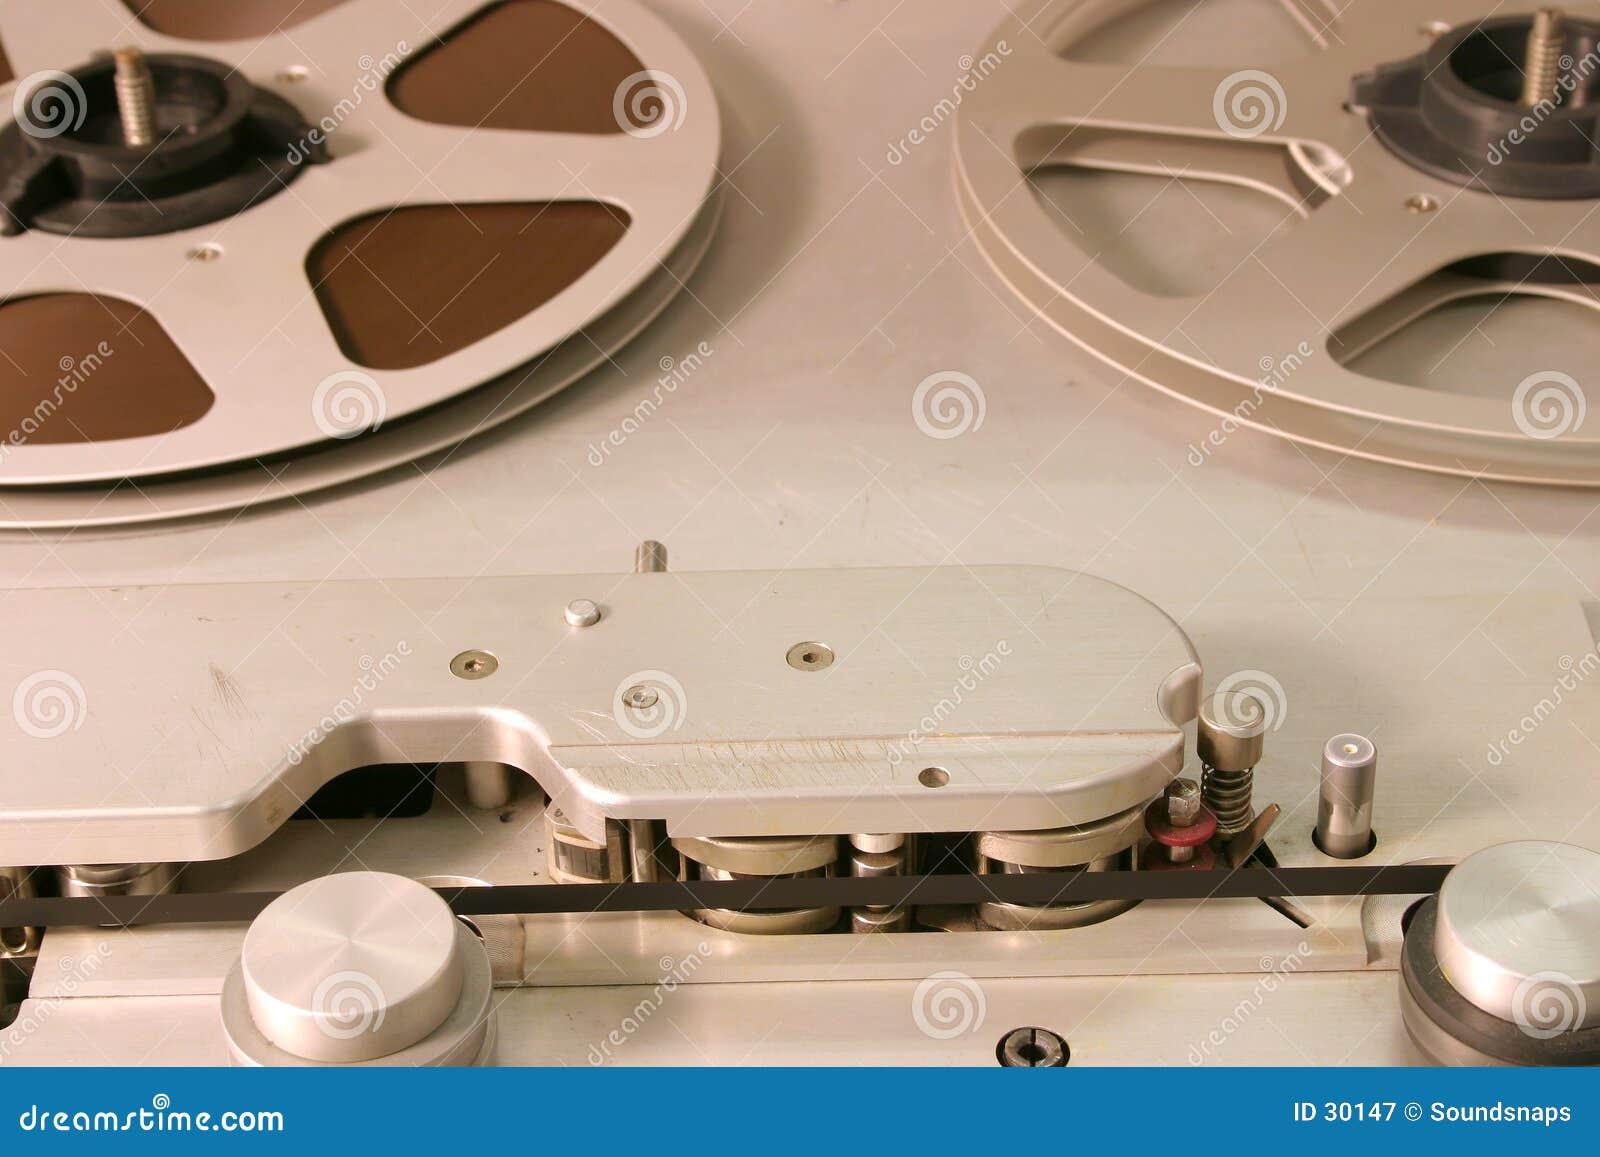 Studio Open Reel Tape Deck